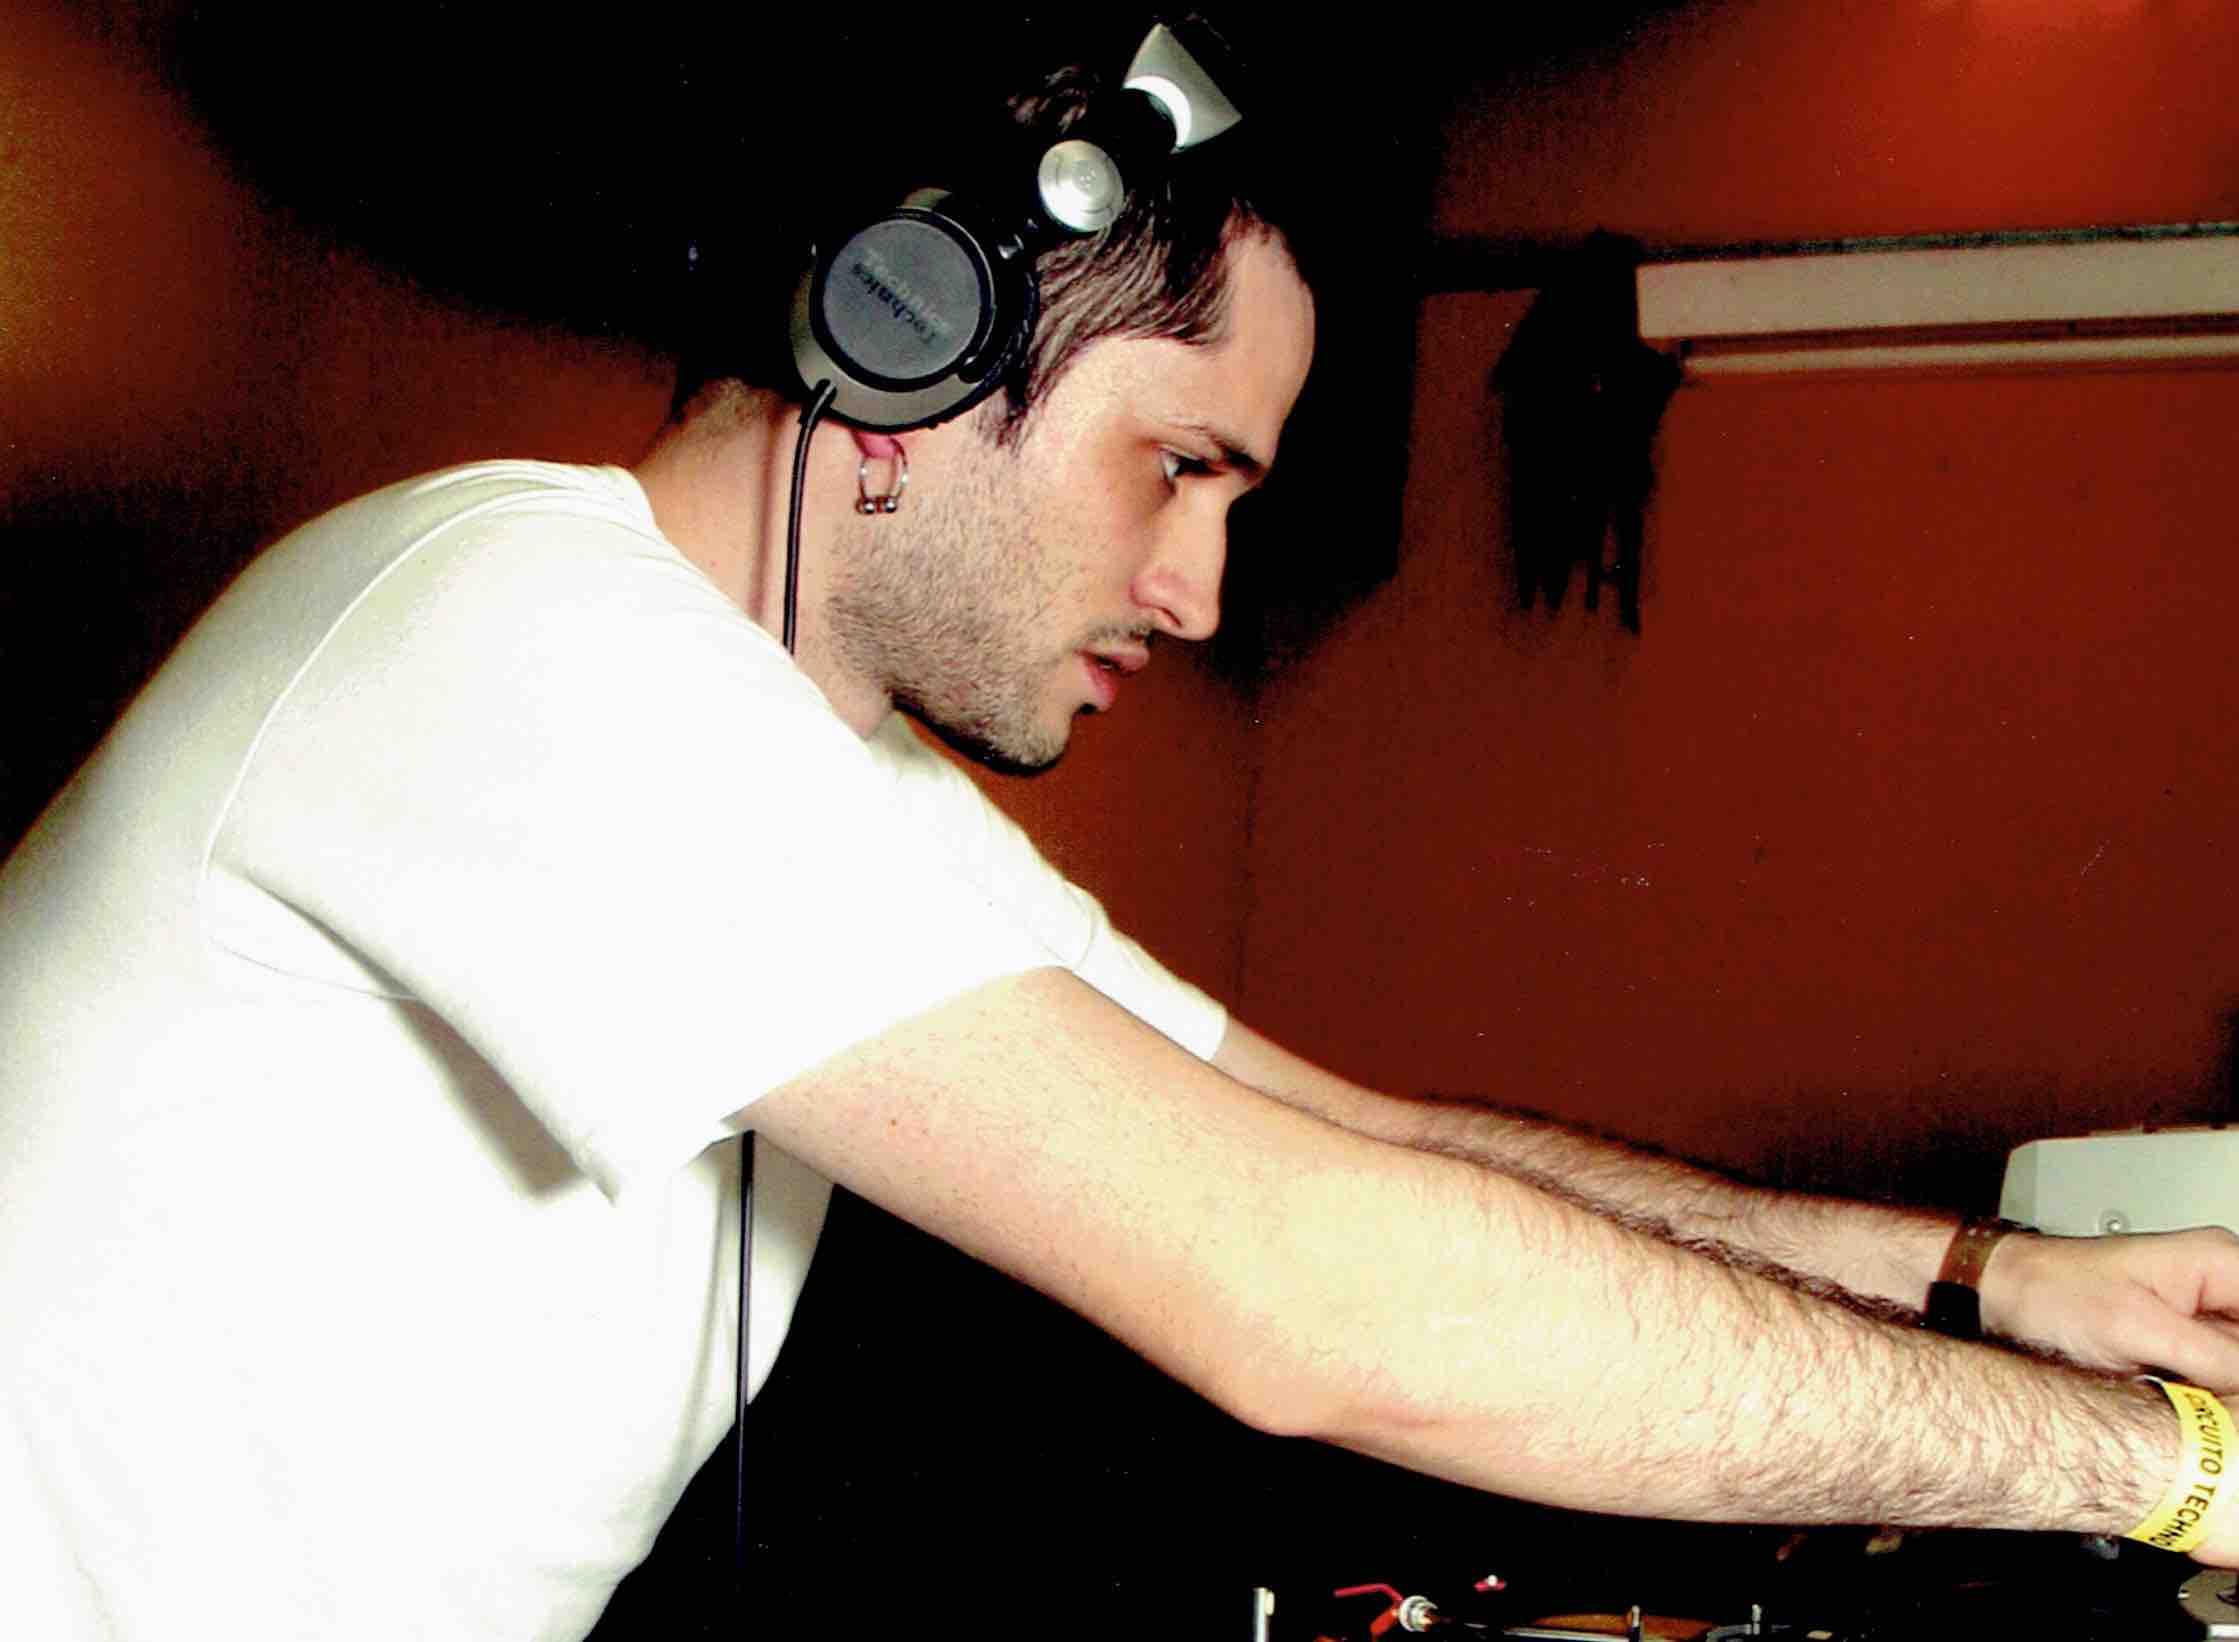 """O Renato era um dos DJs nacionais que mais tocavam na Circuito. Na nossa primeira festa, em 2001, ele abriu o set com """"Pontapé"""" cortado num acetato, meses antes de sair pela Intec, de Carl Cox. Diz a lenda que o Chris Liebing, que ouviu a faixa antes de todo mundo nessa Circuito, se arrepende até hoje de não ter lançado """"Pontapé"""" pelo seu selo, CLR."""